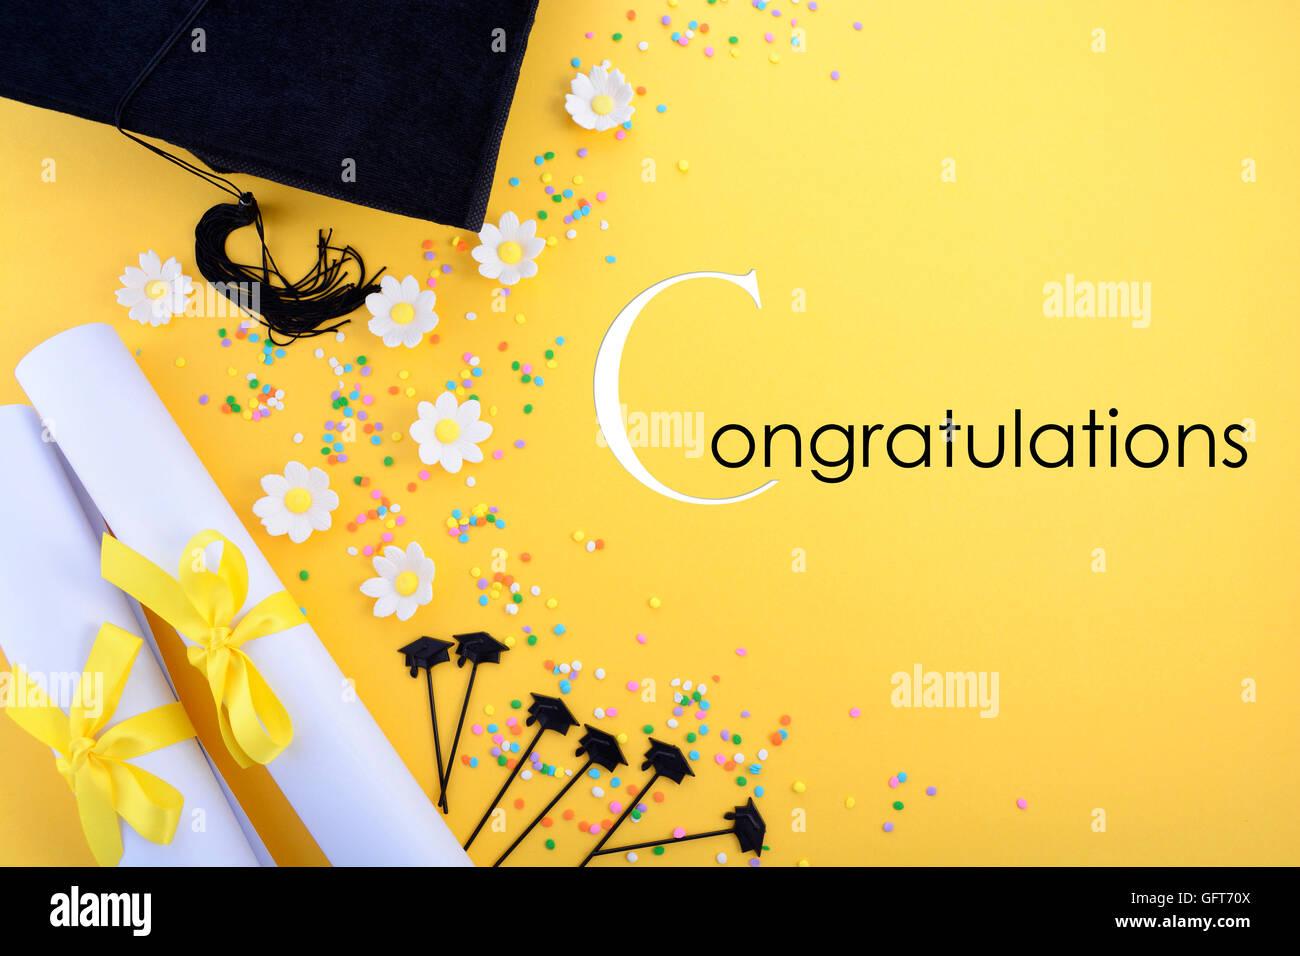 Gelb-schwarz / weiß-Thema Graduierung mit verzierten Rahmen auf ...